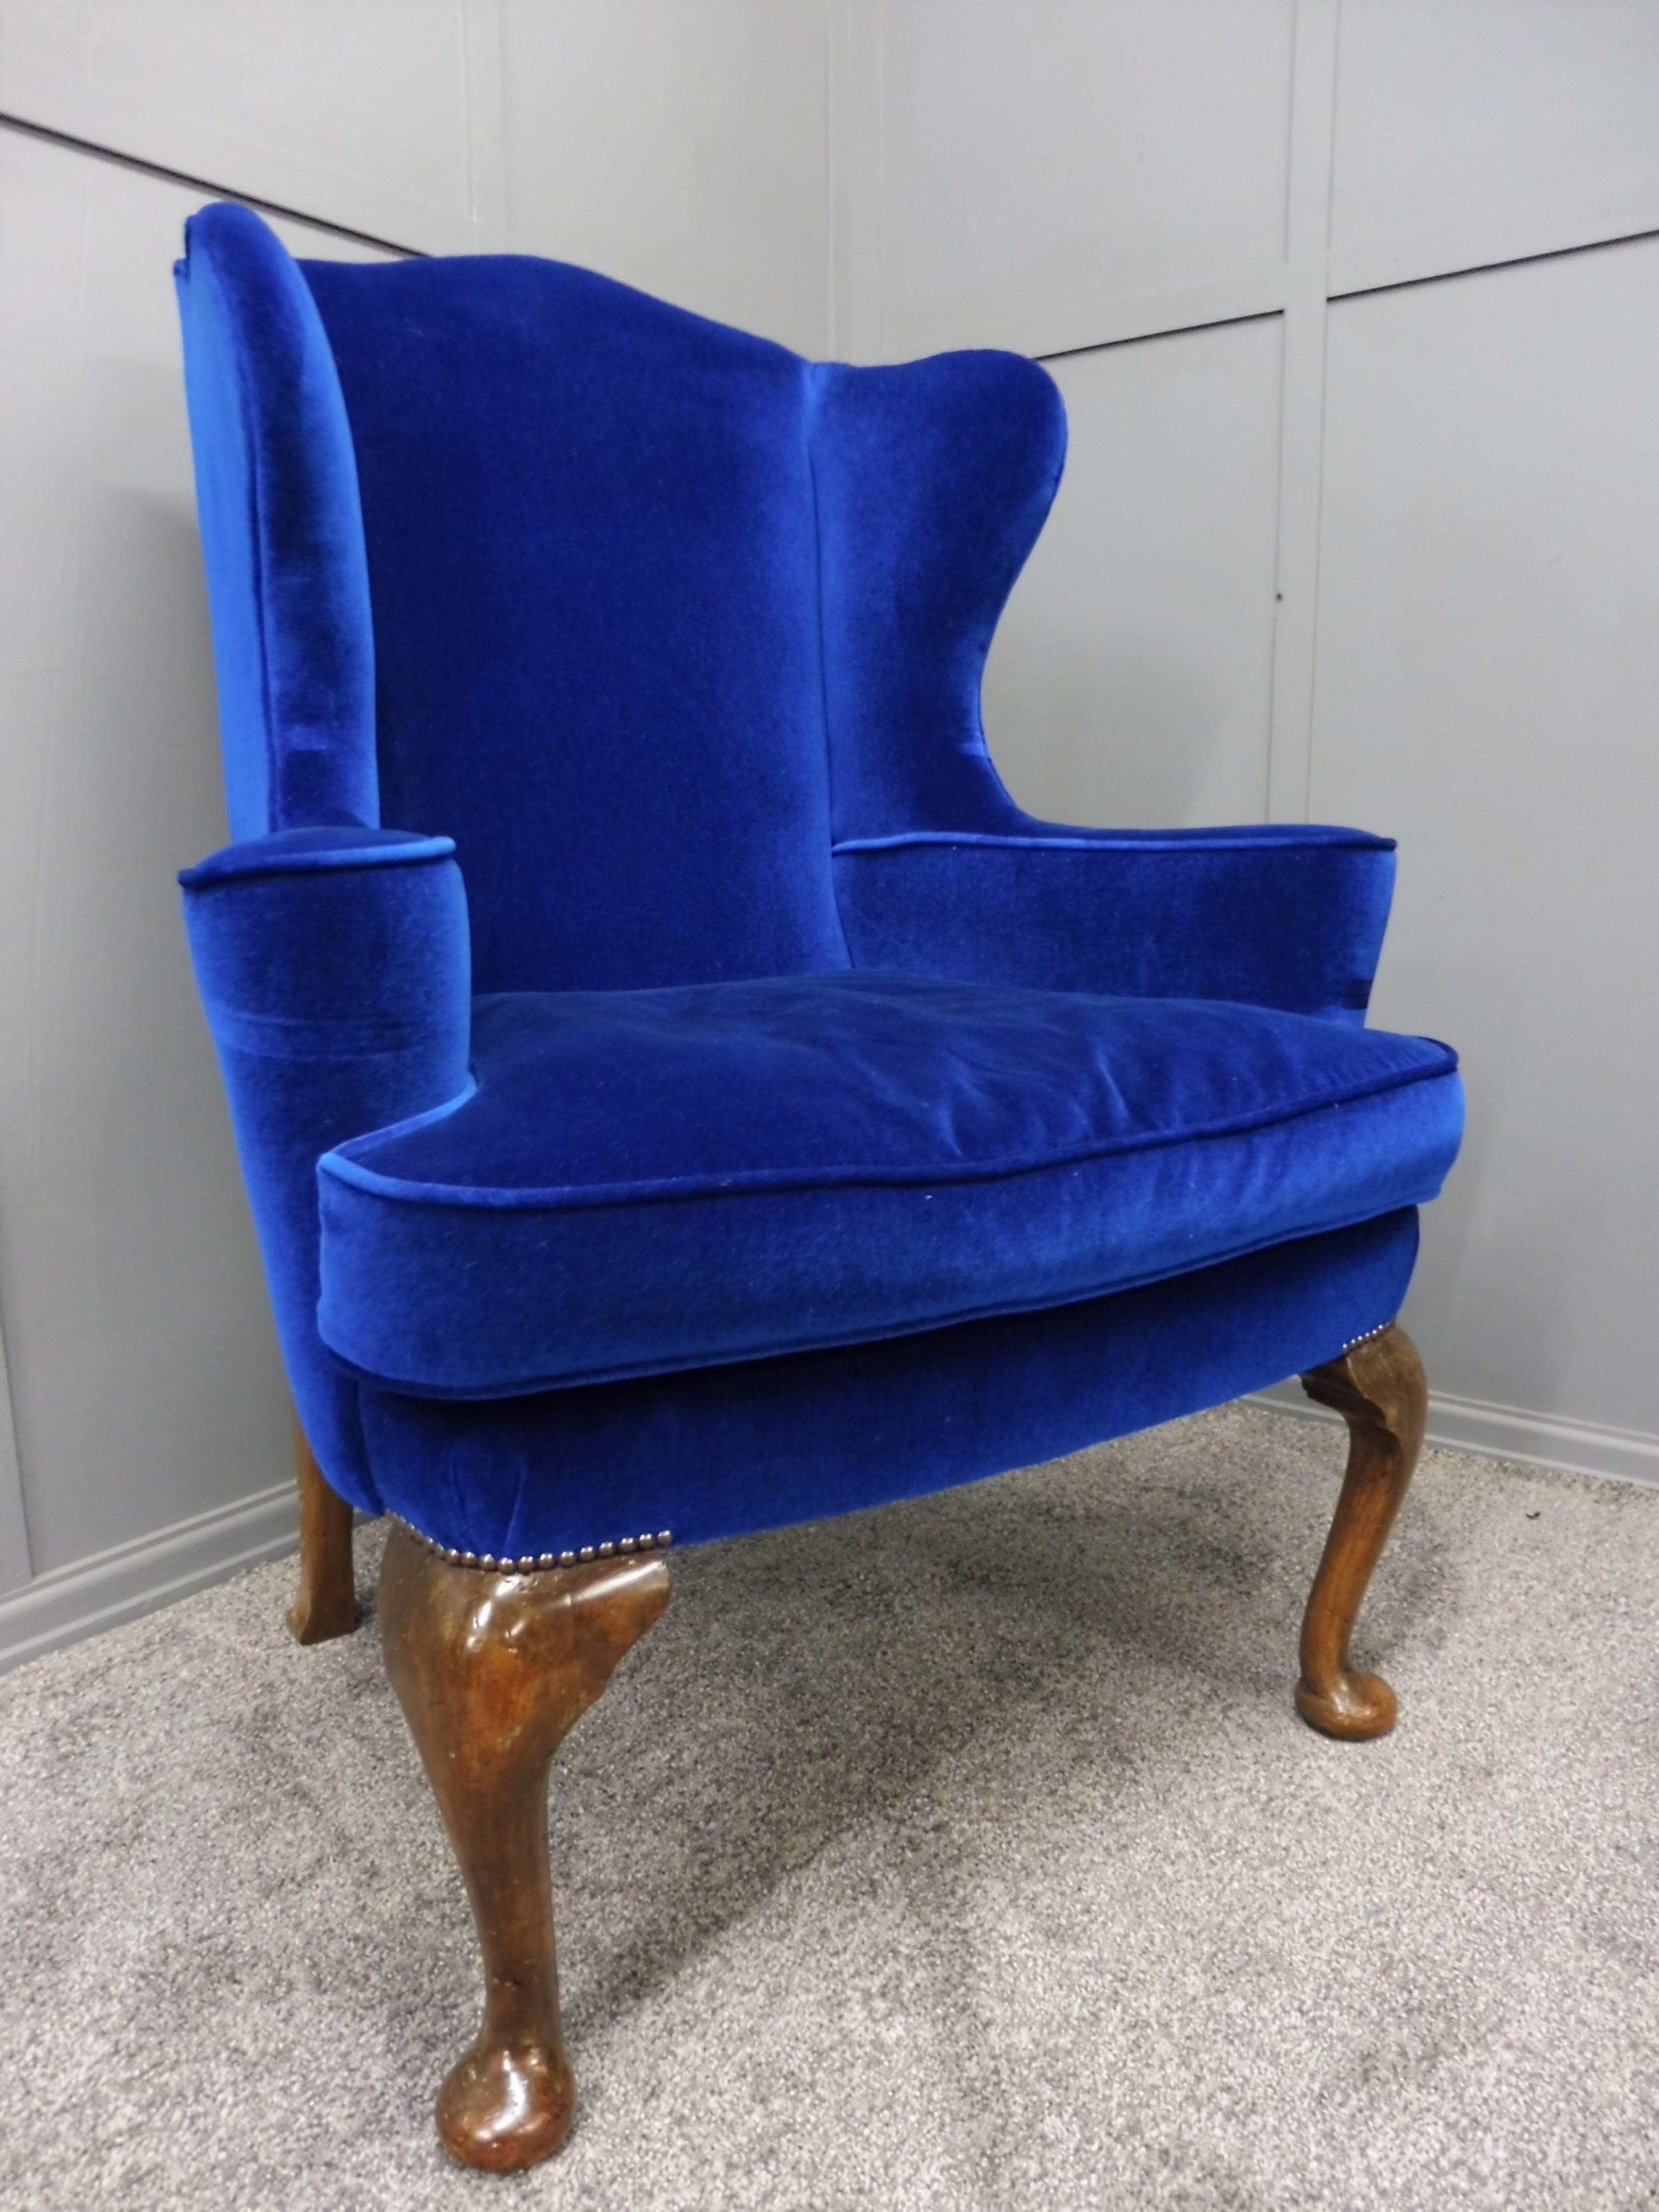 19th century georgian style armchair